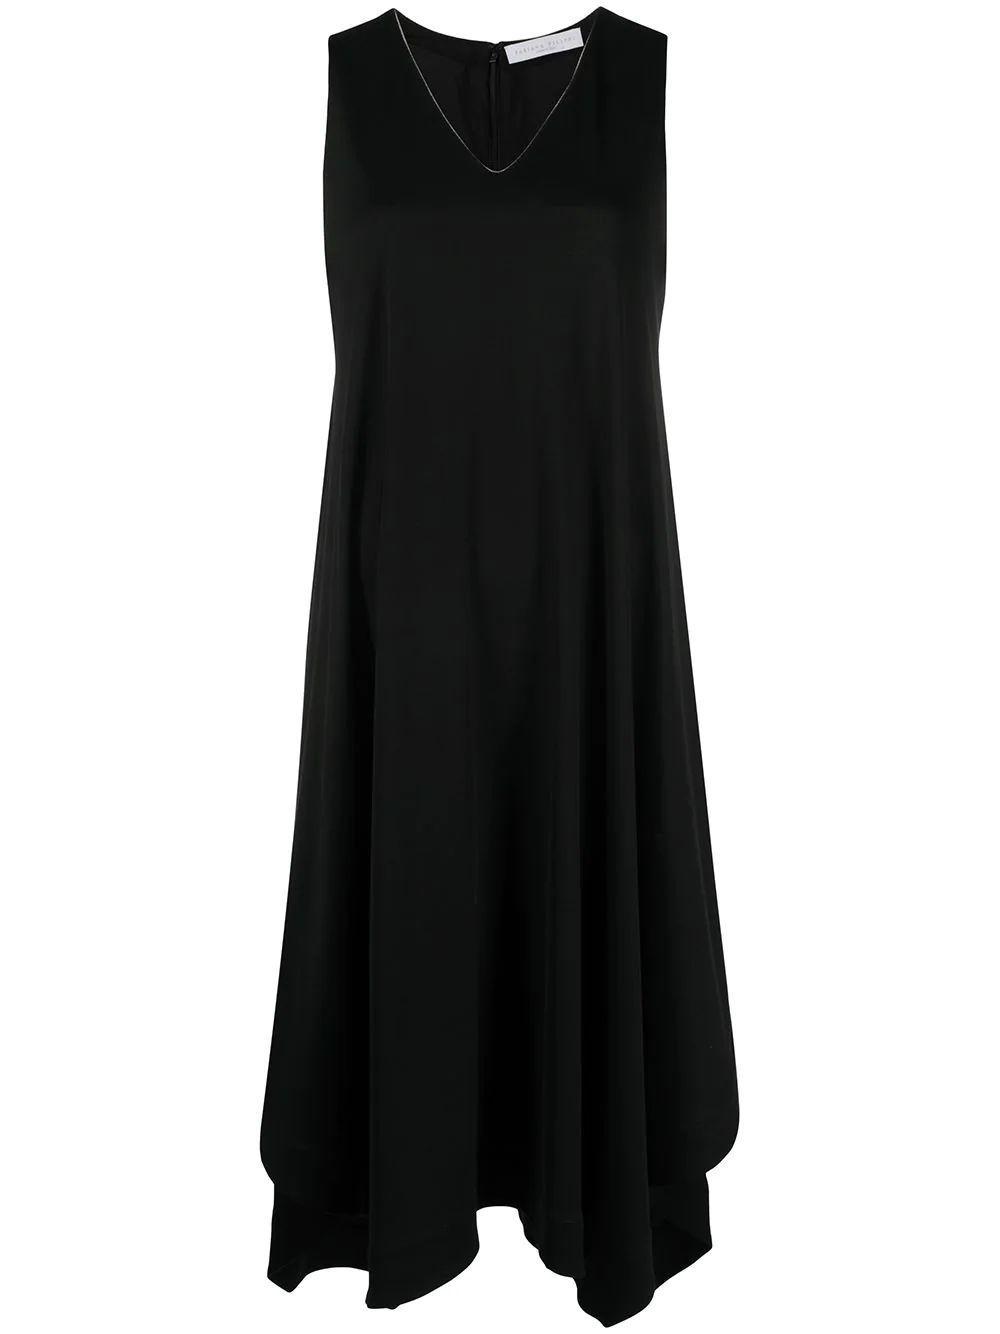 Asymmetrical Hem Day Dress Item # ABD271W160